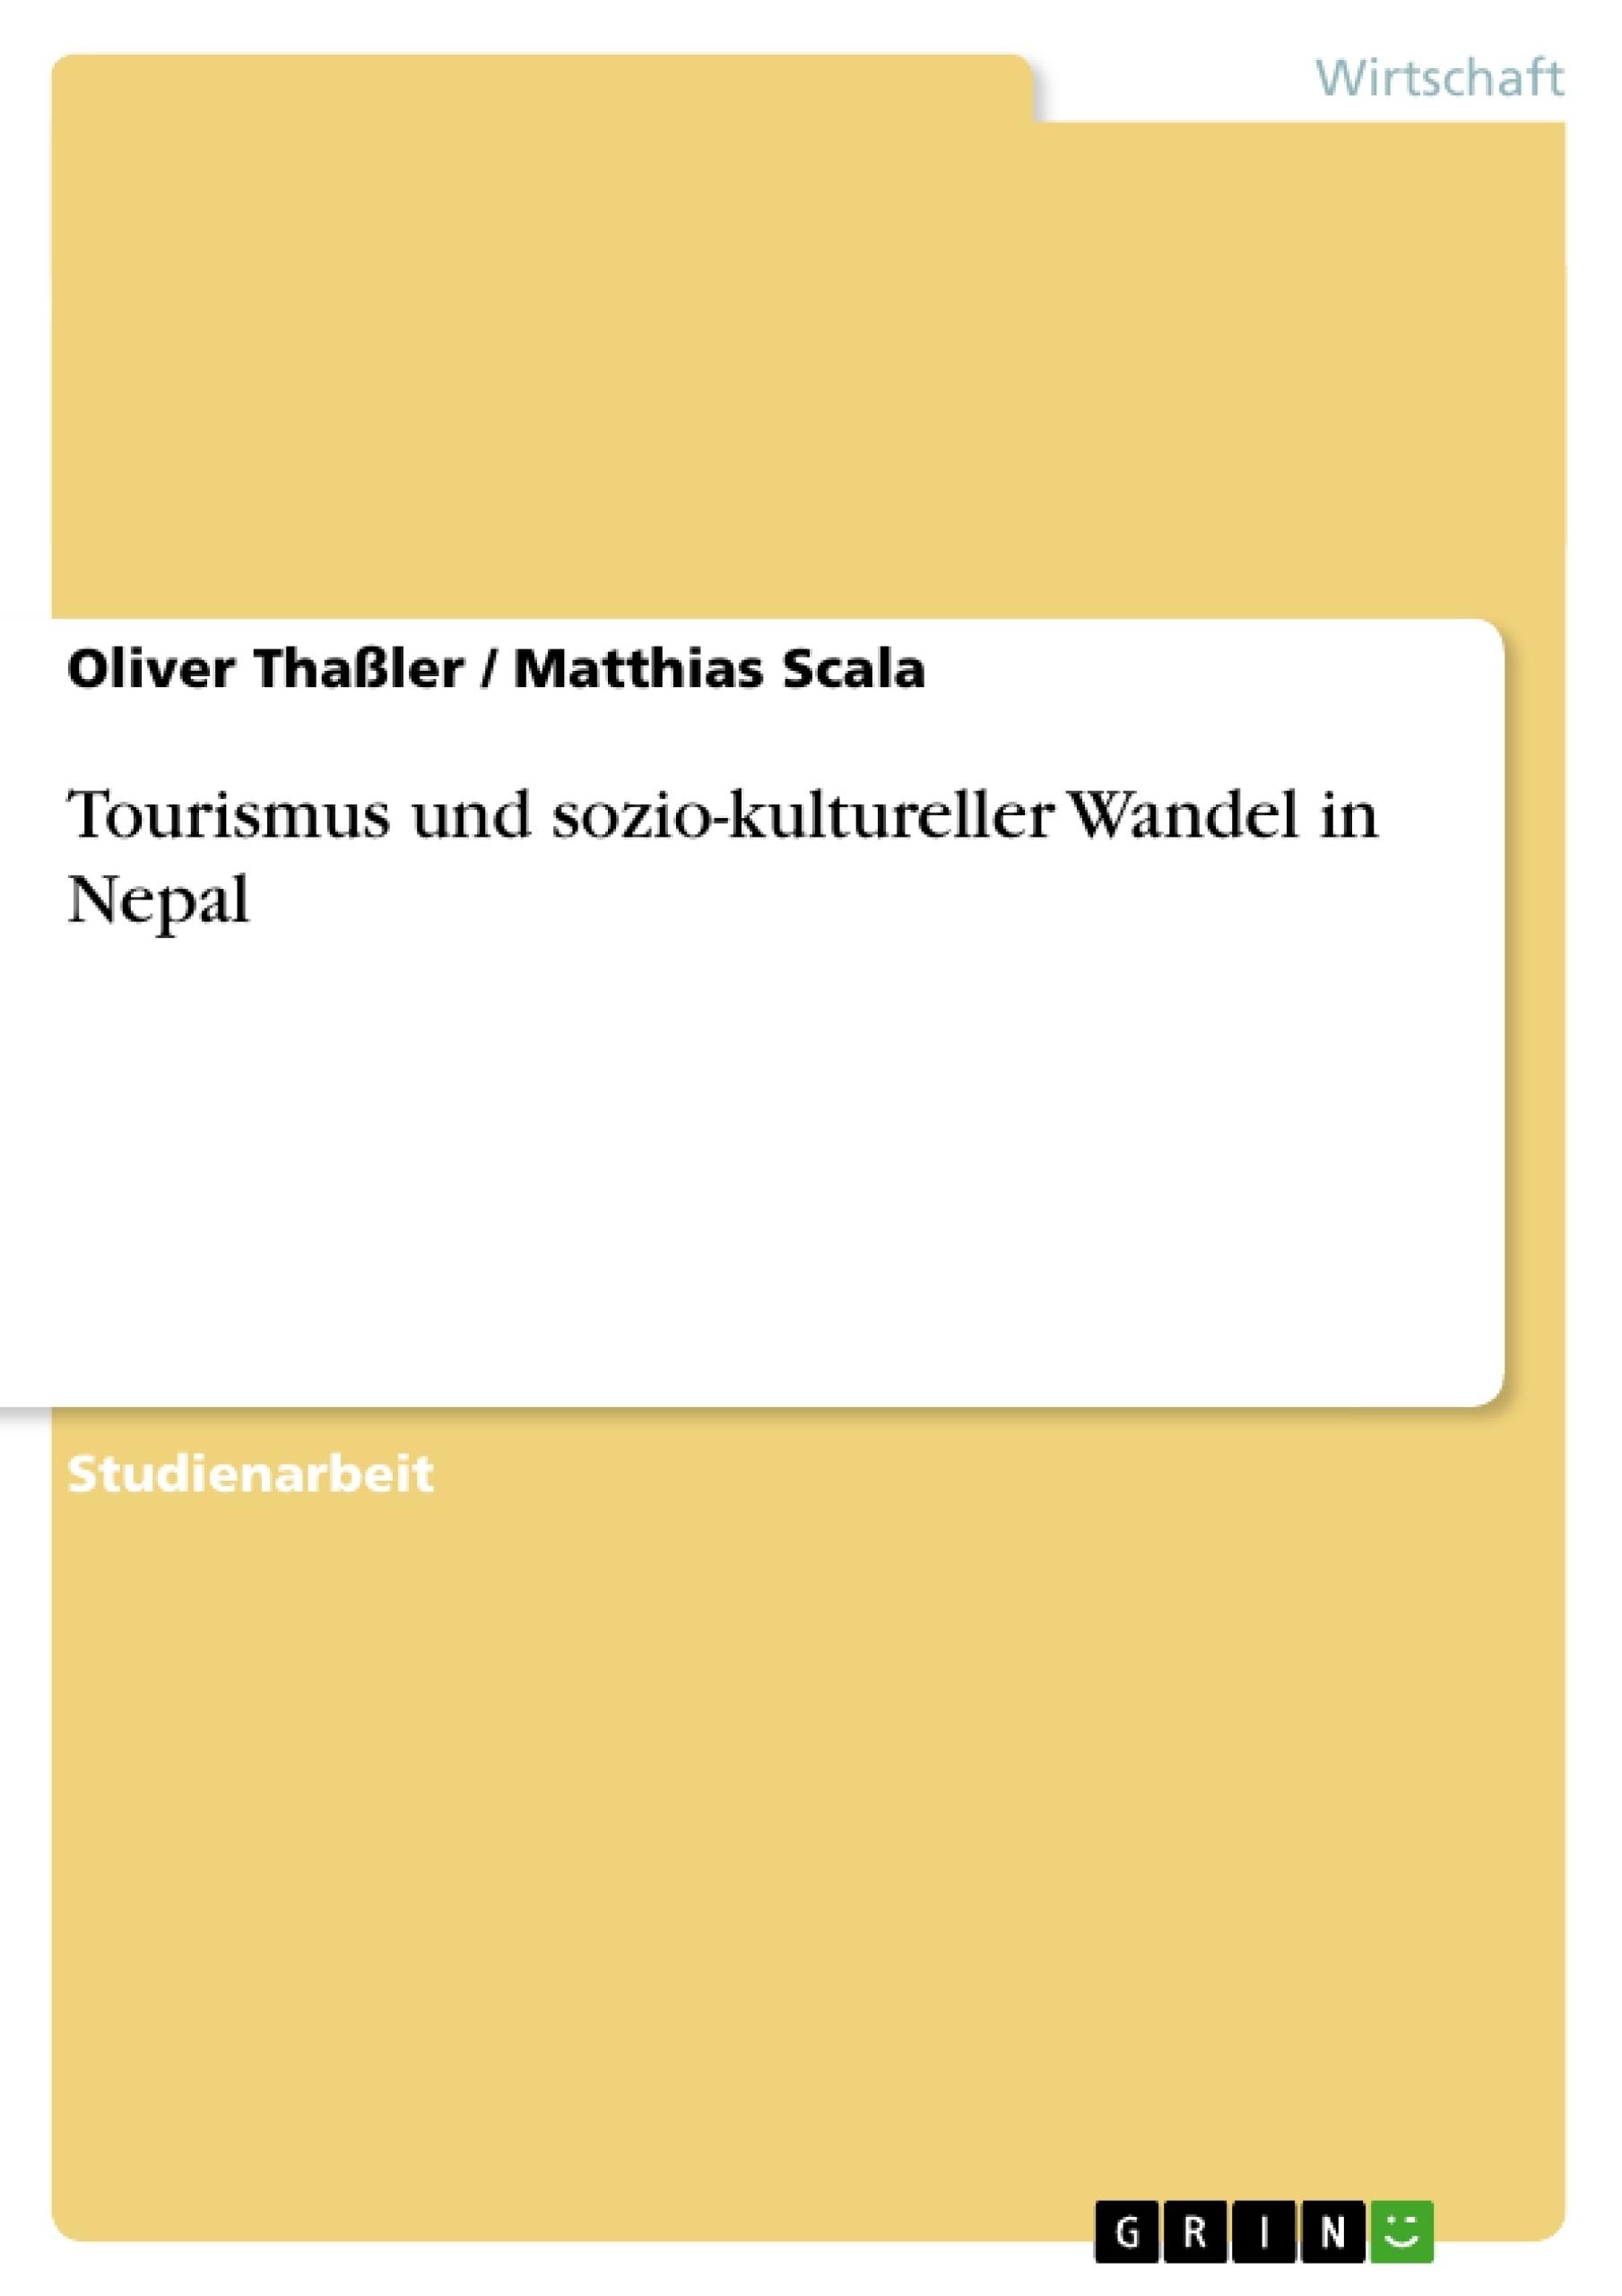 Titel: Tourismus und sozio-kultureller Wandel in Nepal